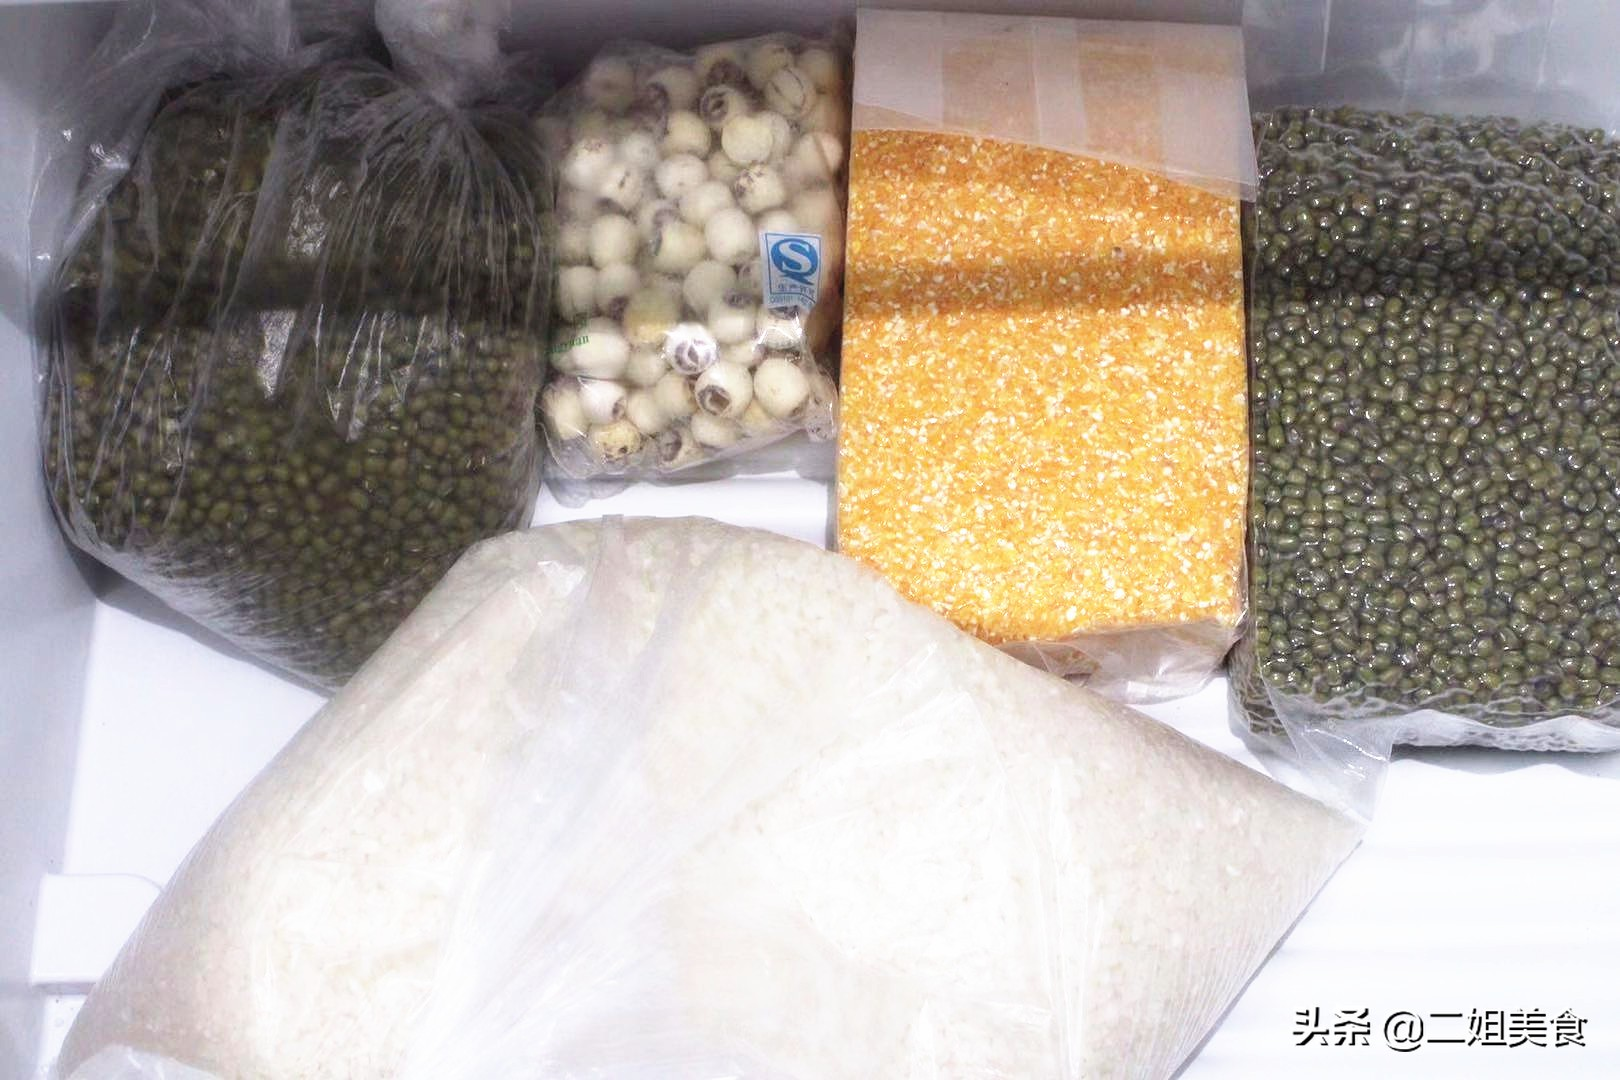 保存五穀雜糧很簡單,教您2個土方法,放久不生蟲,不怕浪費了